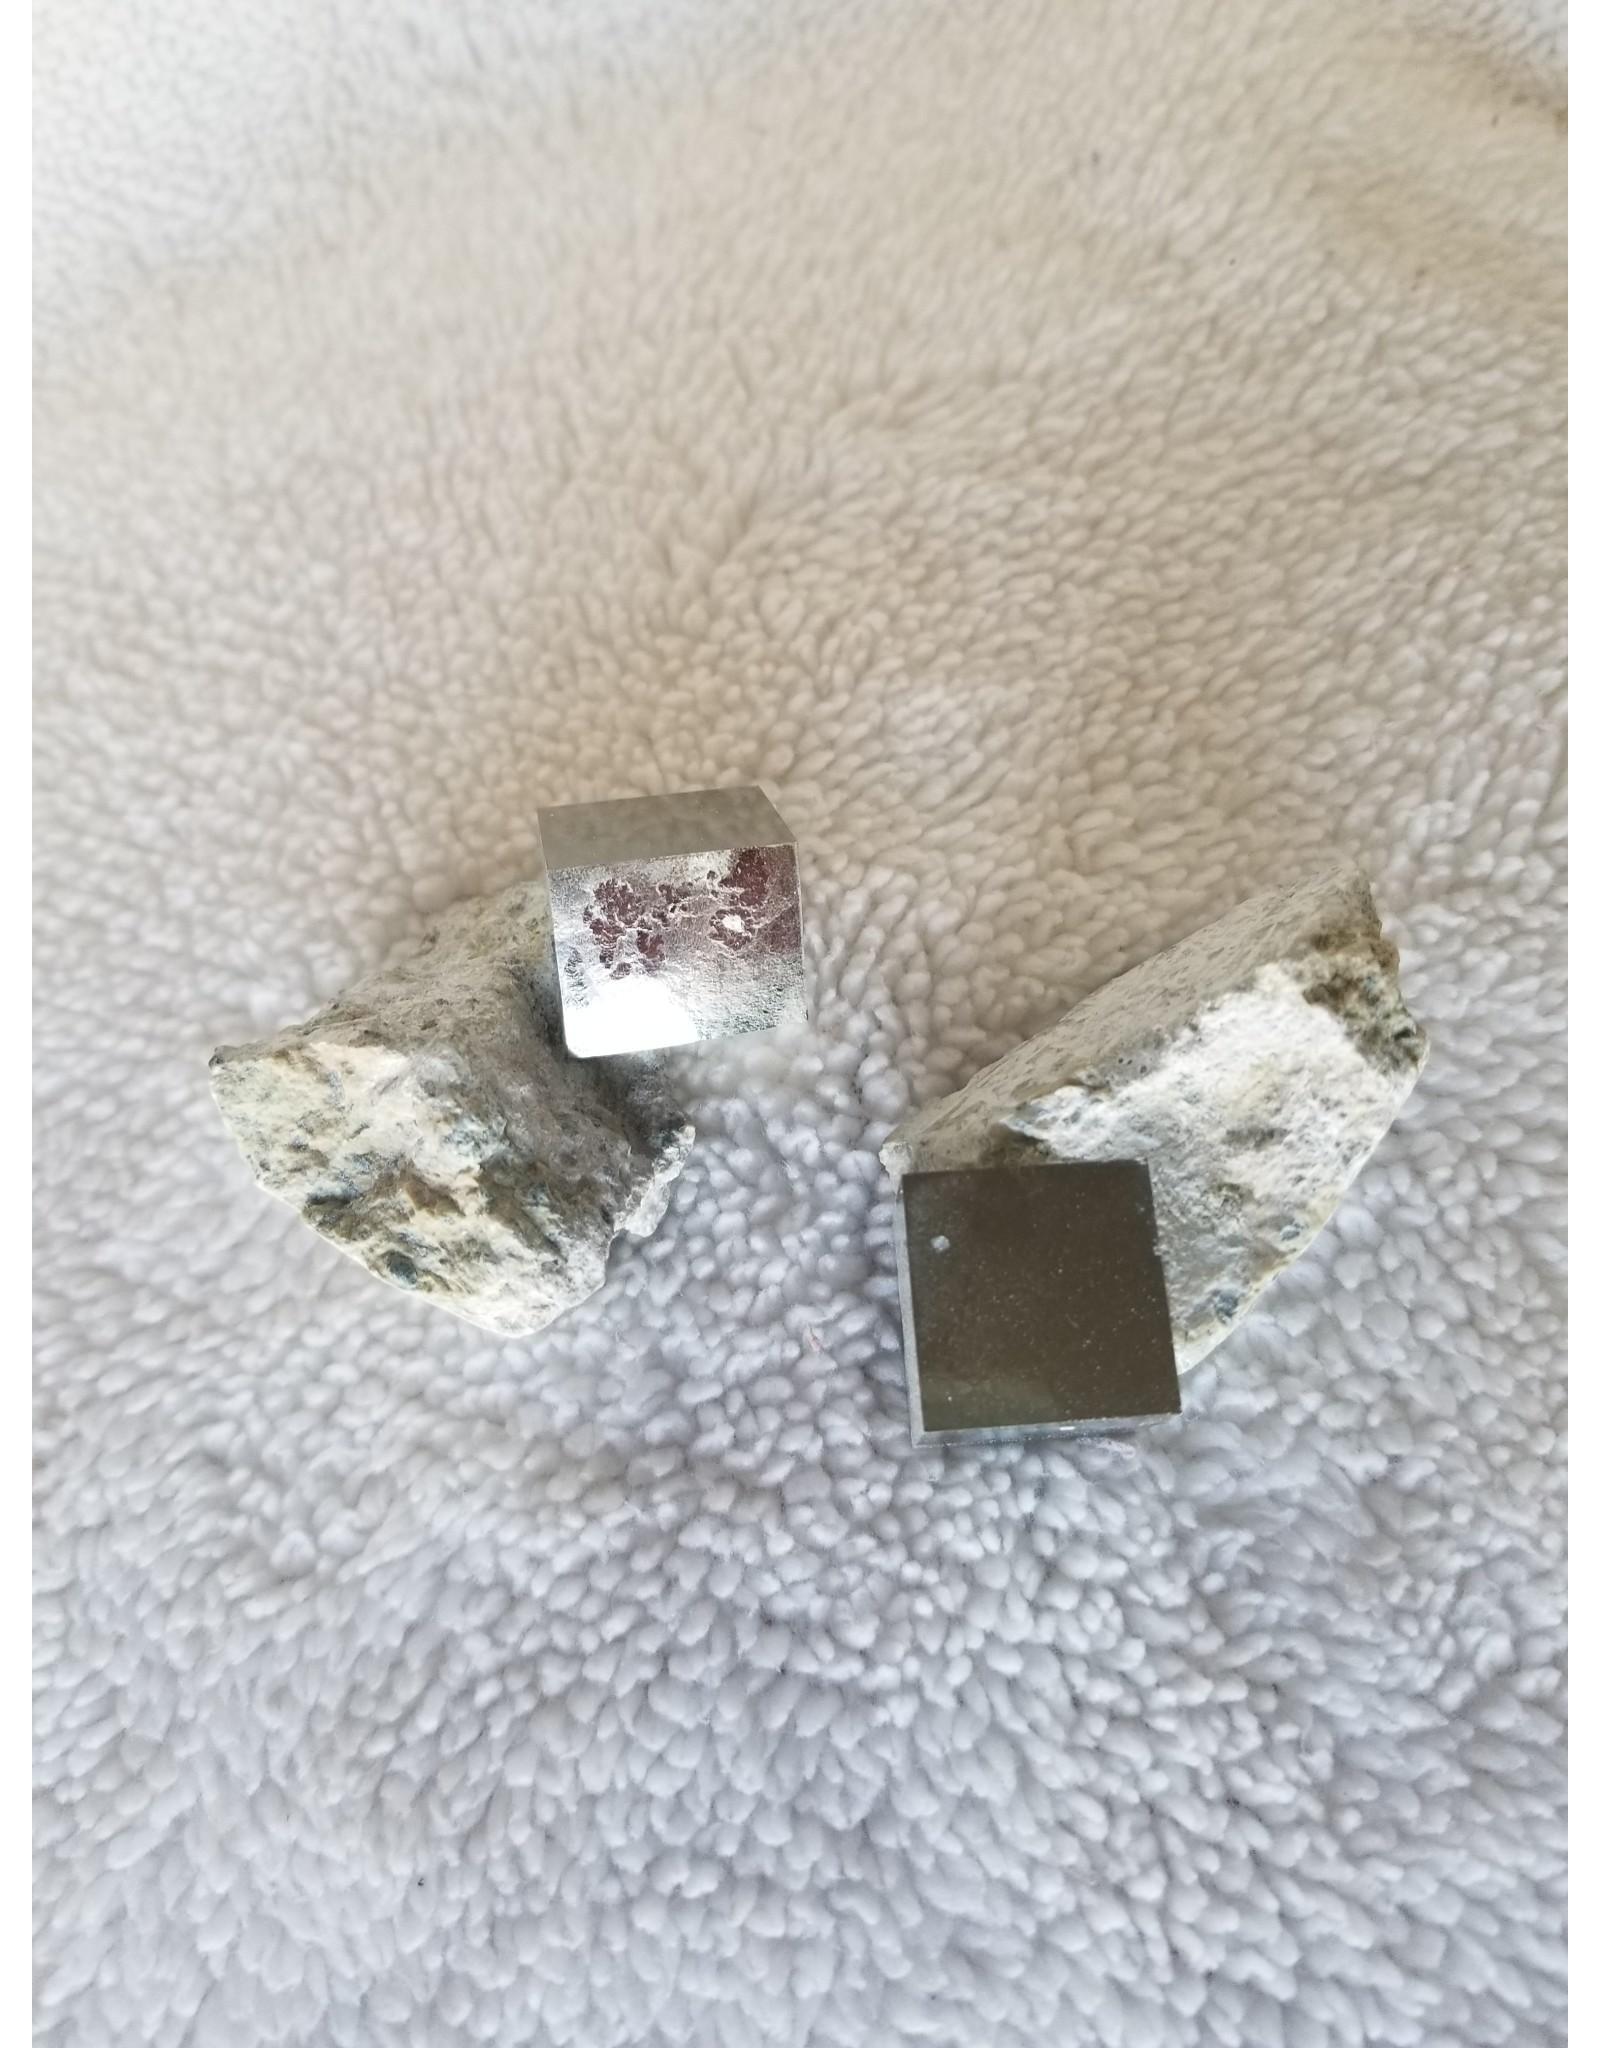 Pyrite Cube in Limestone Matrix